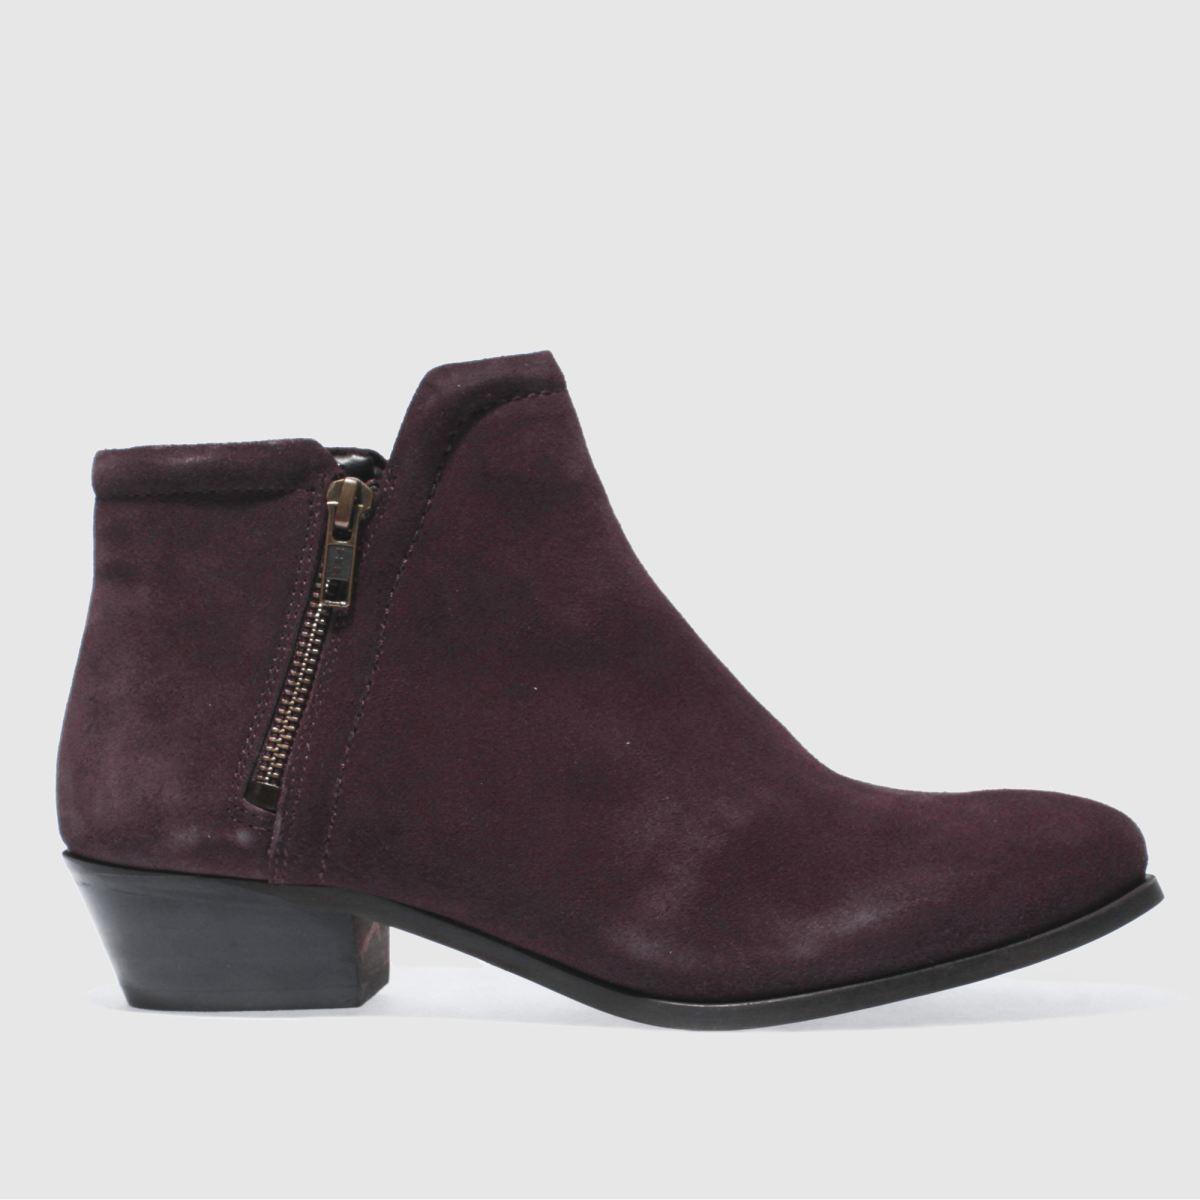 Schuh Burgundy Galaxy Ii Boots